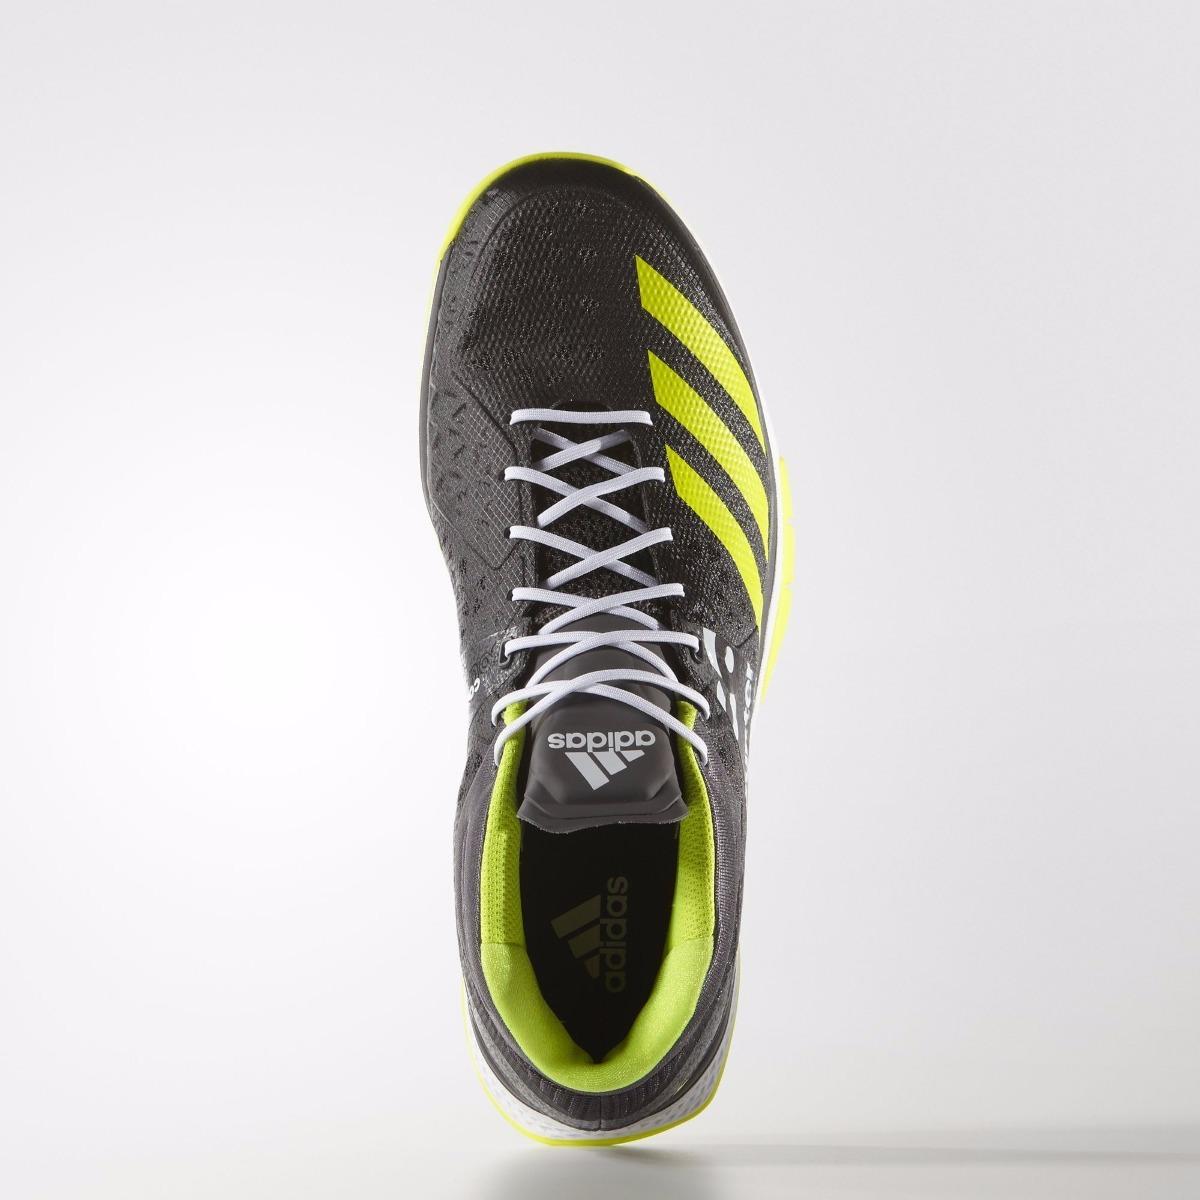 4984354b1a Tênis adidas Counterblast Falcon Mid - Handball - R  250